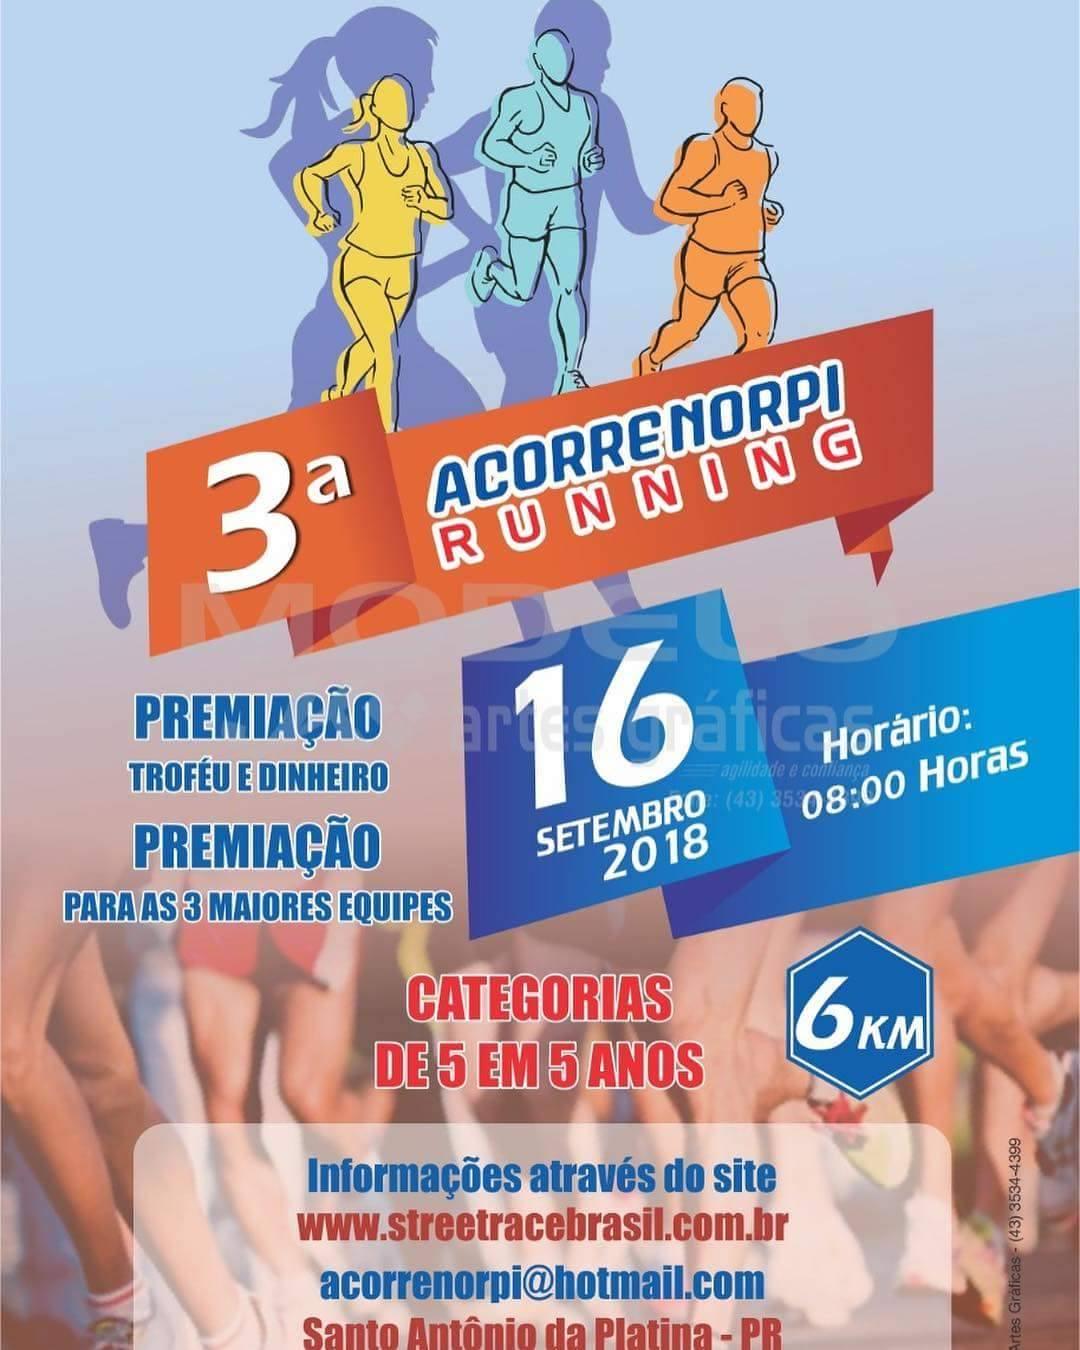 3ª CORRIDA CIRCUIITO ACORRENORPI